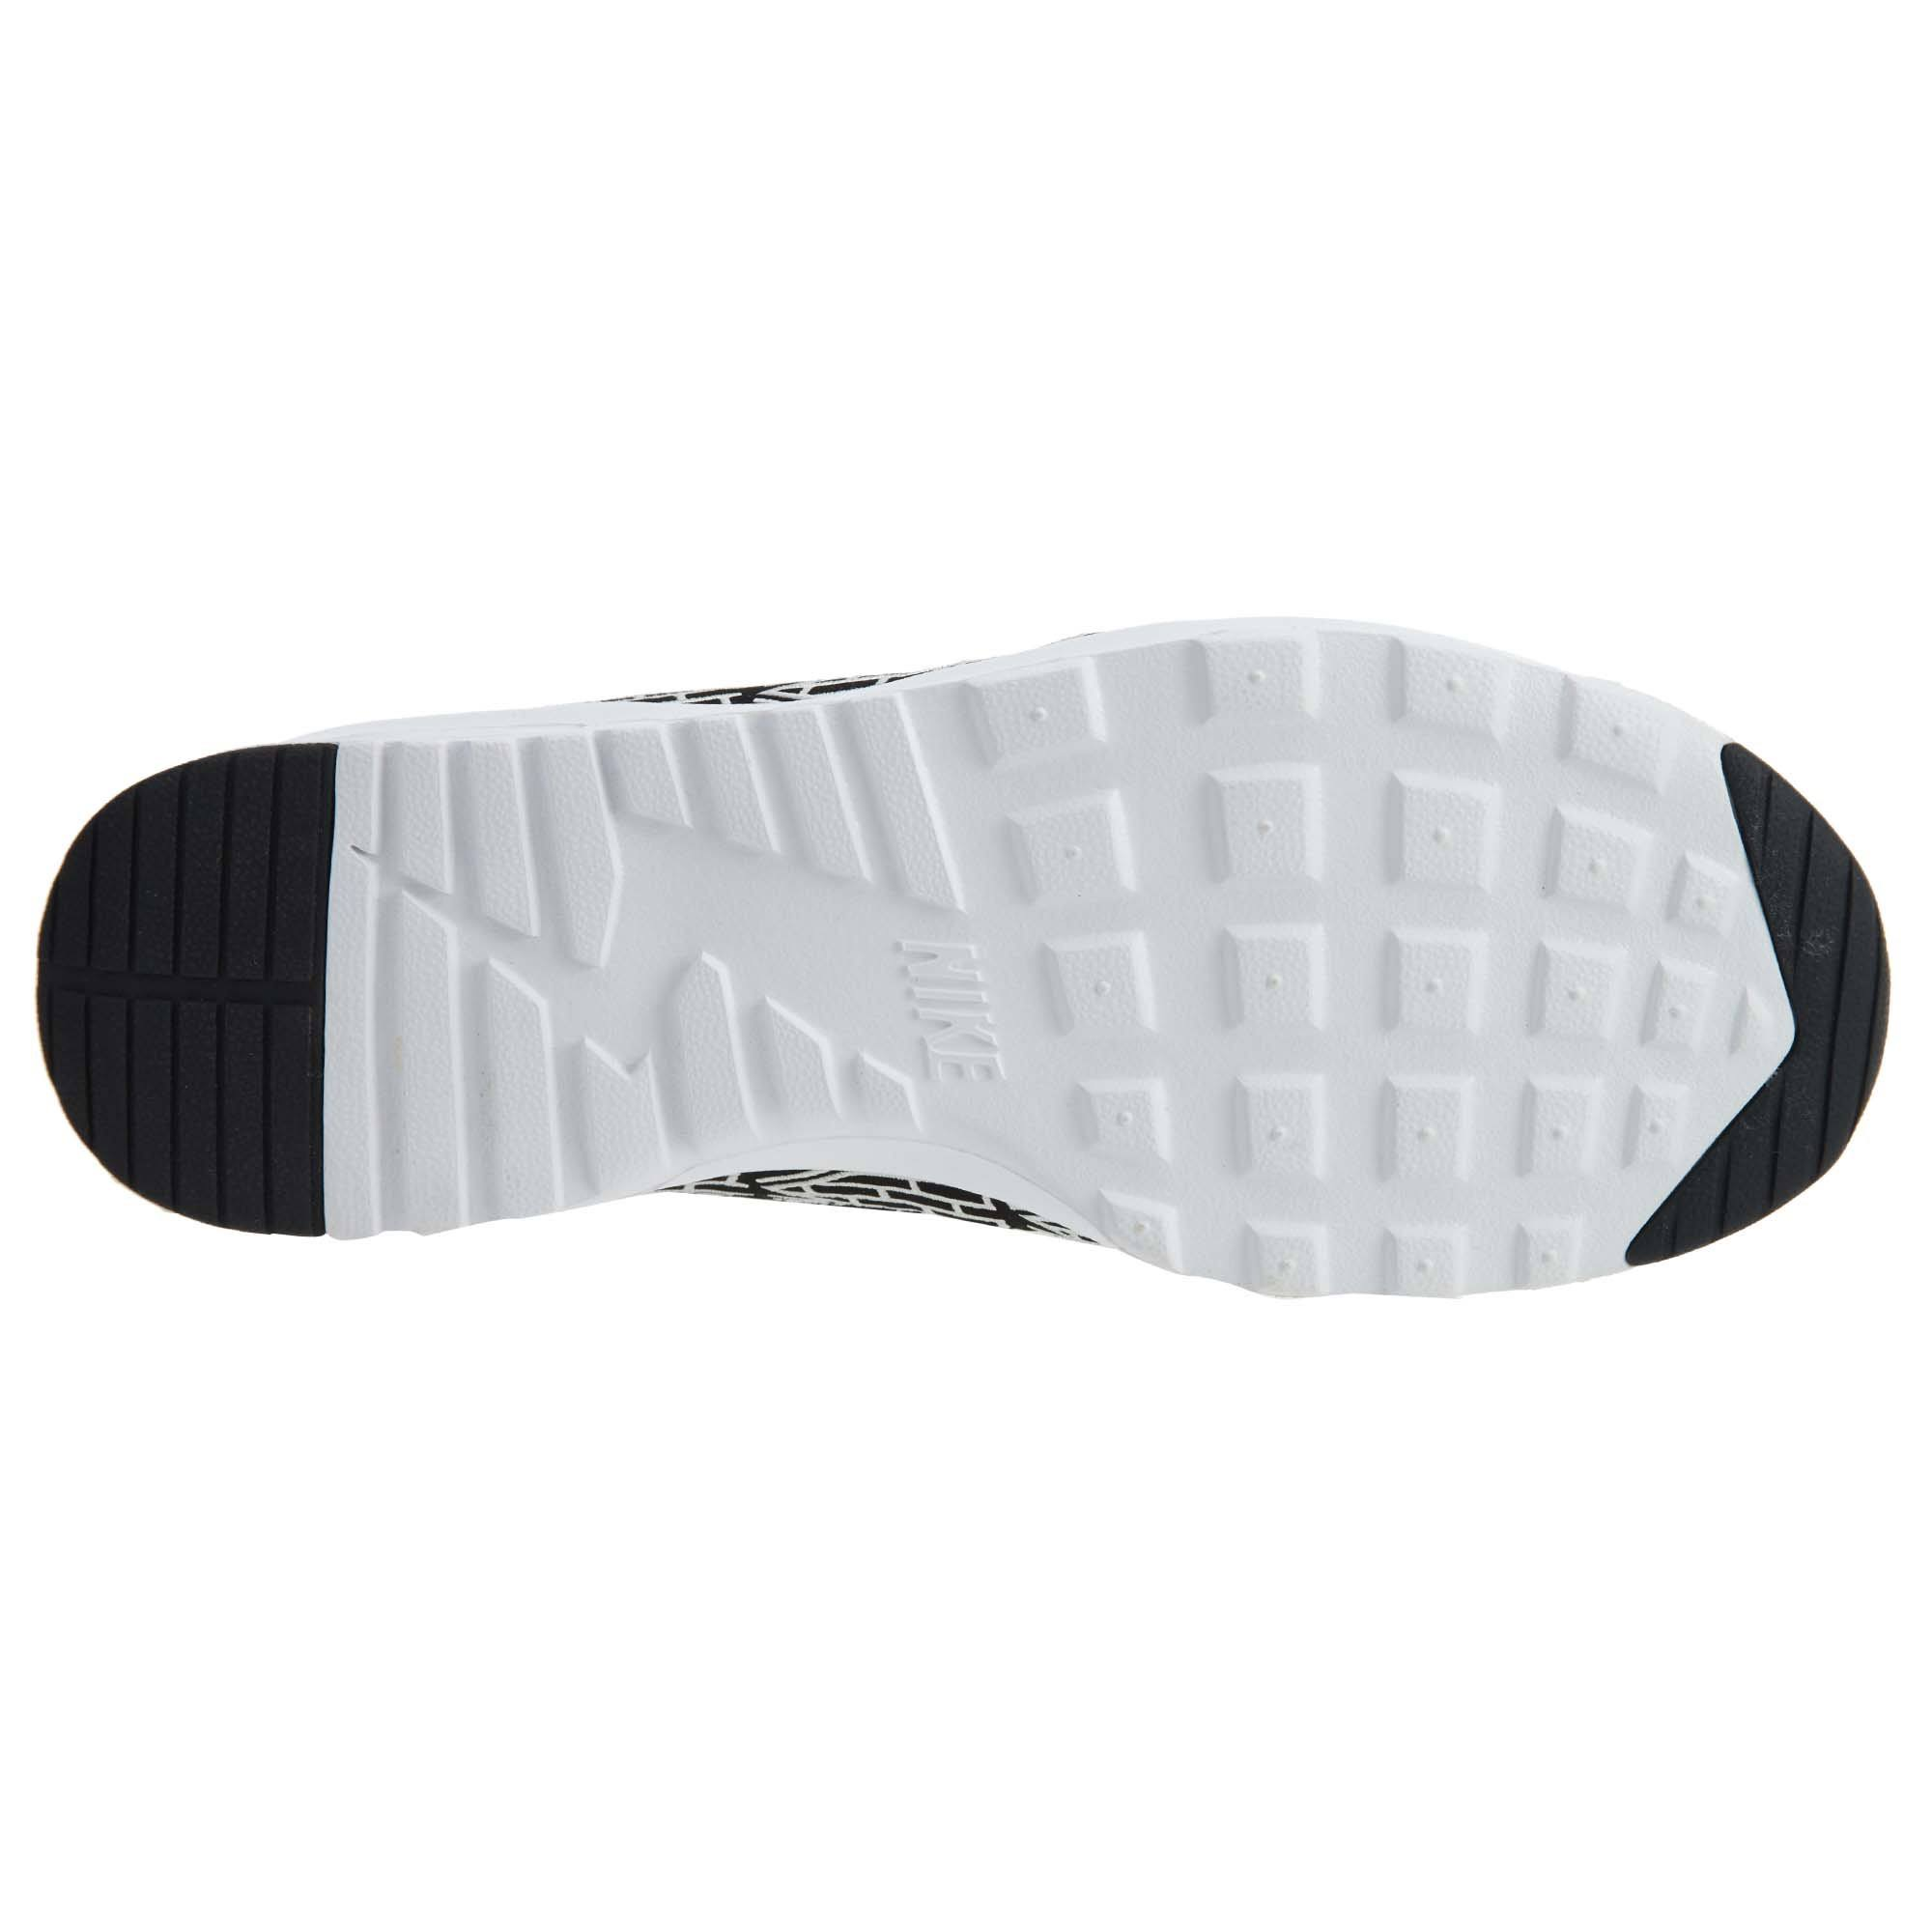 Mujer Air Lotc Para Qs Negro 847072 Thea Max Estilo 001 Blanco Nike x4Zqwfaq